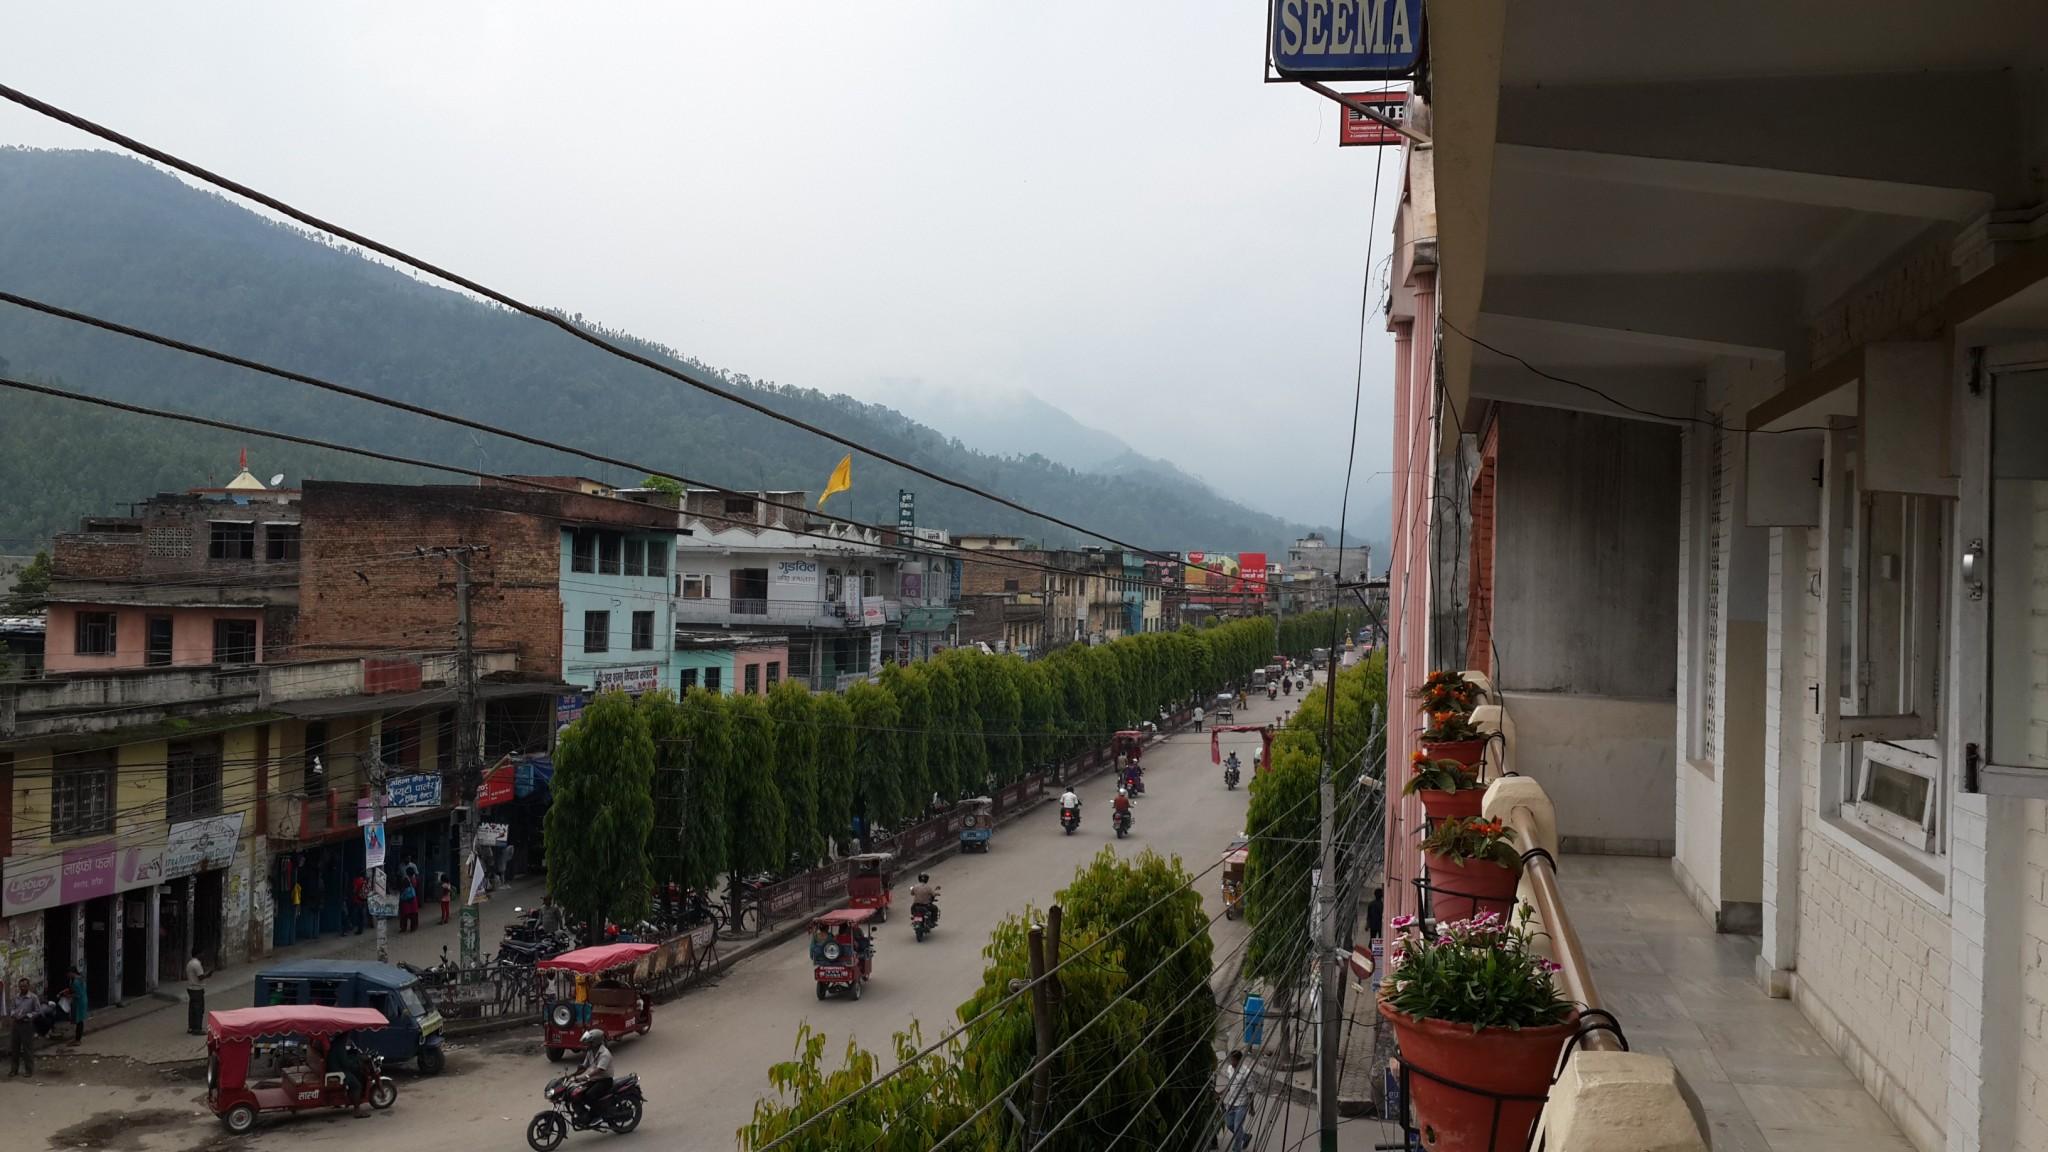 The streets of Hetauda